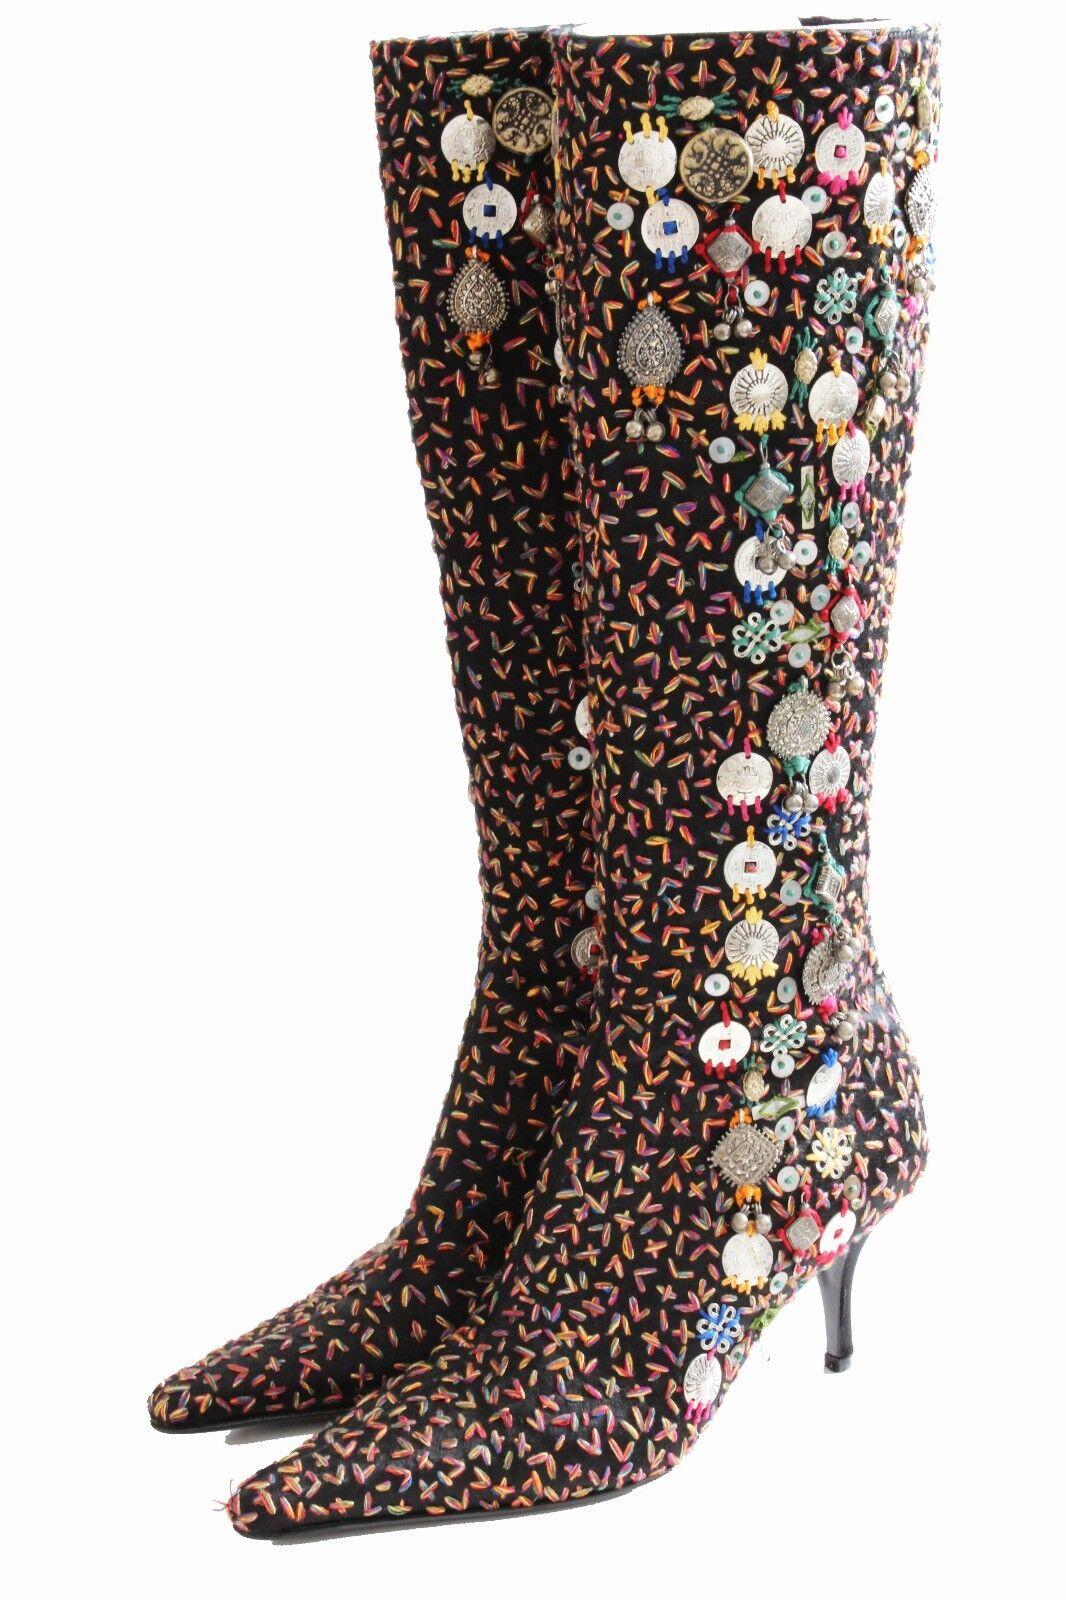 Oscar de la renta botas adornado Knee High Negro Bordado Italia